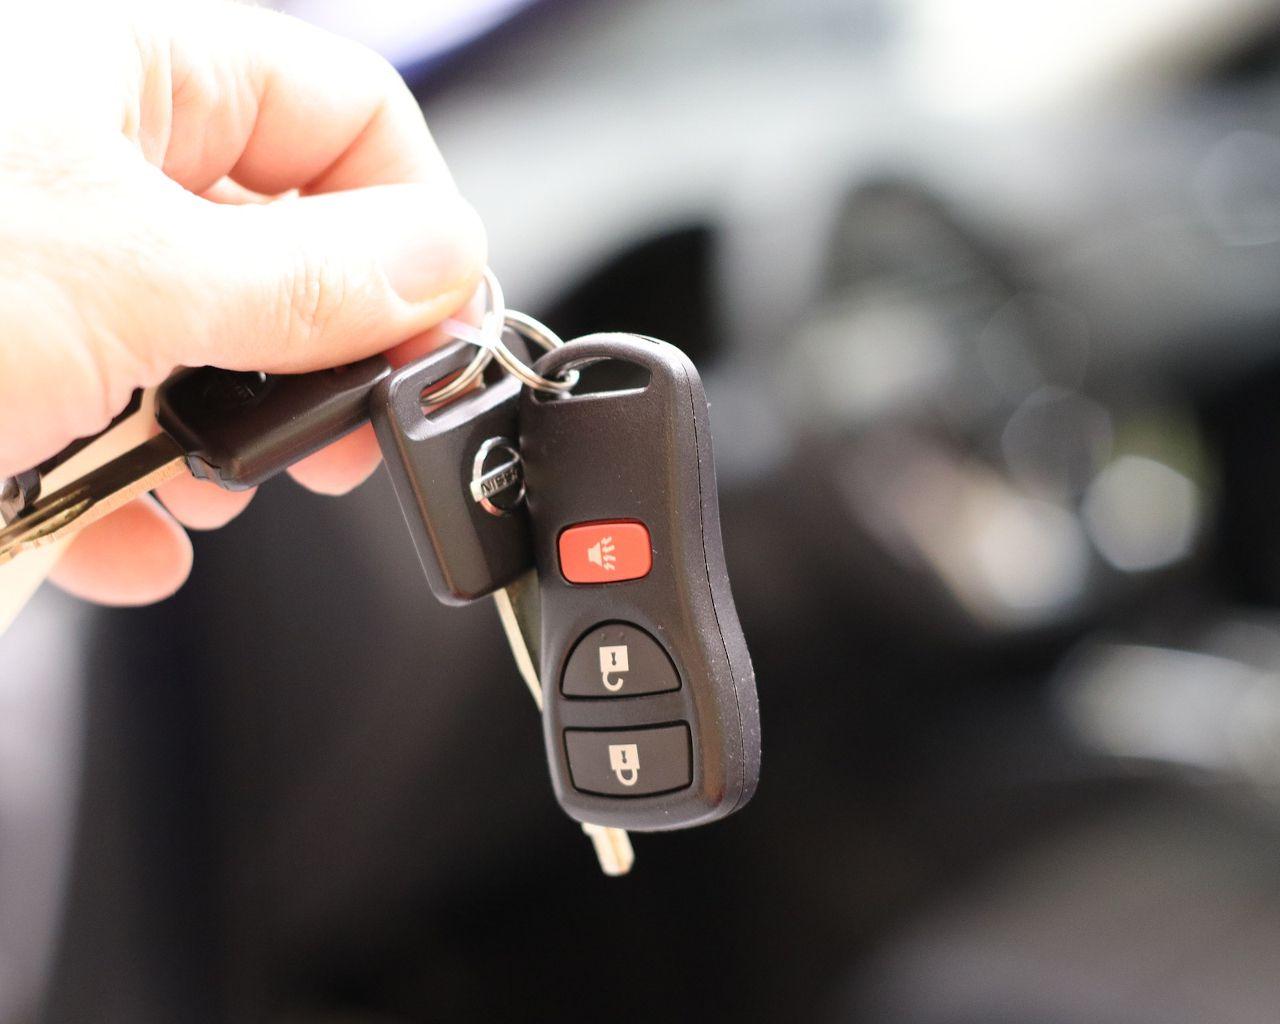 Έκθεση Ford Α. Λιάπης - Ασφάλεια Αυτοκινήτου